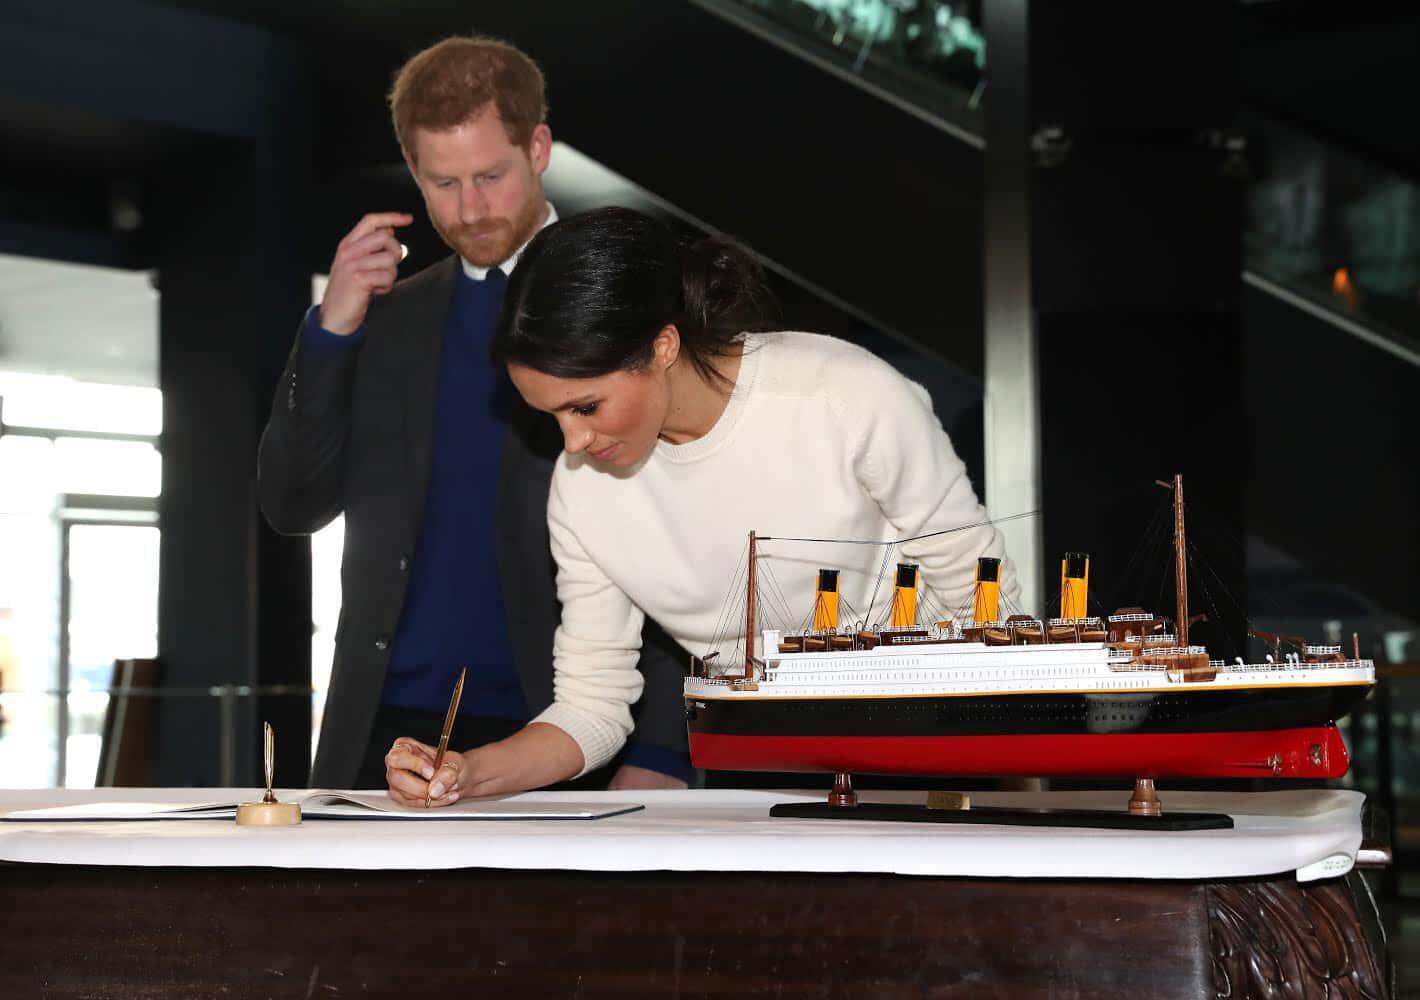 Le Prince Harry et Meghan Markle visitent le Titanic à Belfast.